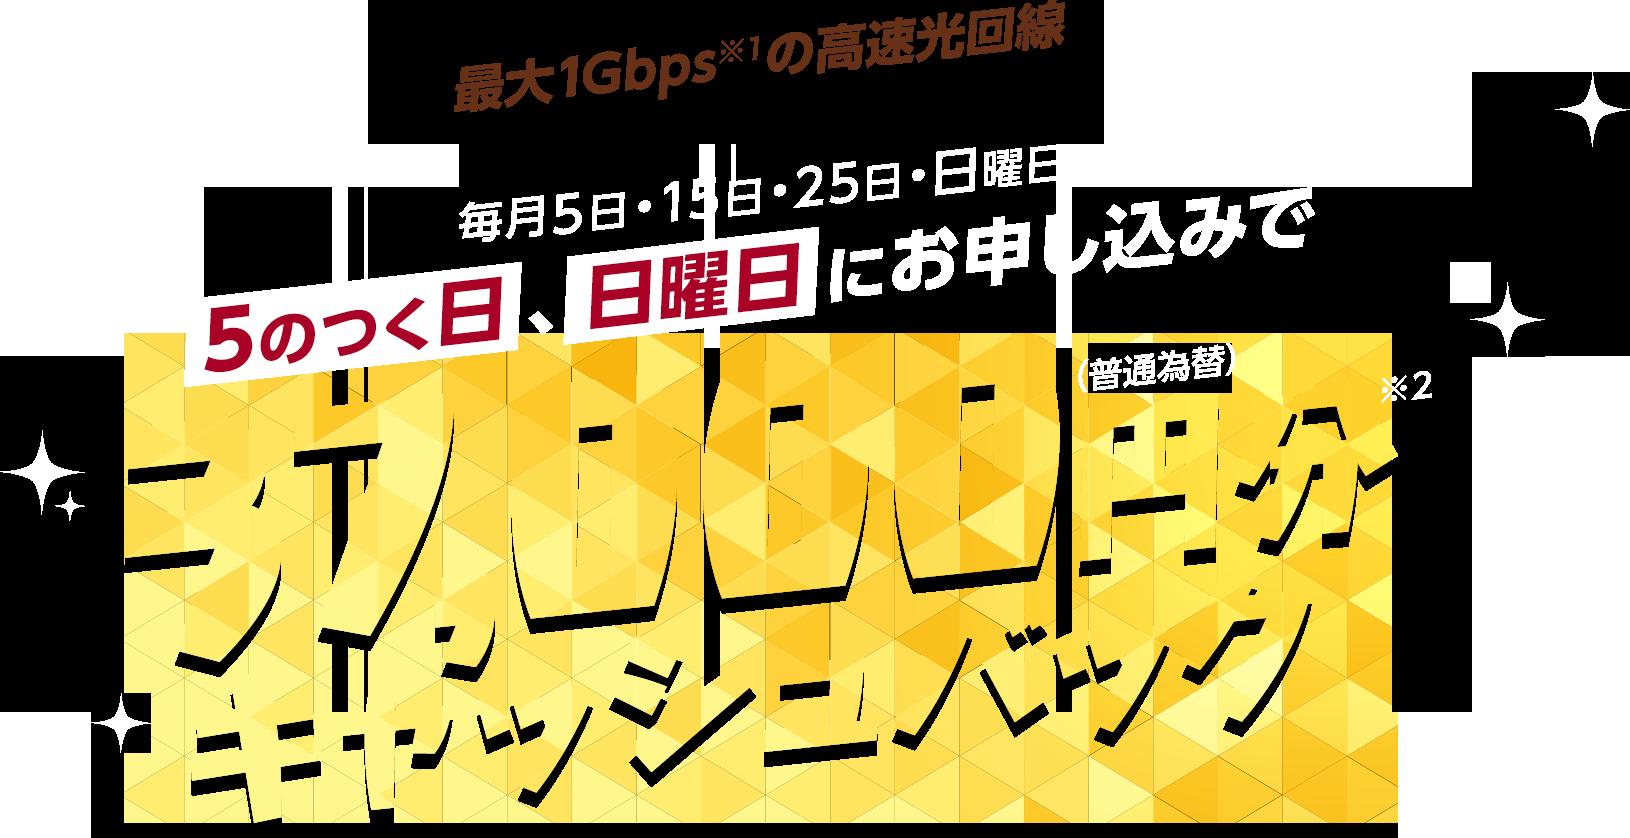 最大1Gbps※1の高速光回線 毎月5日・15日・25日・日曜日 5のつく日、日曜日にお申し込みで 37,000円分キャッシュバック(普通為替)※2